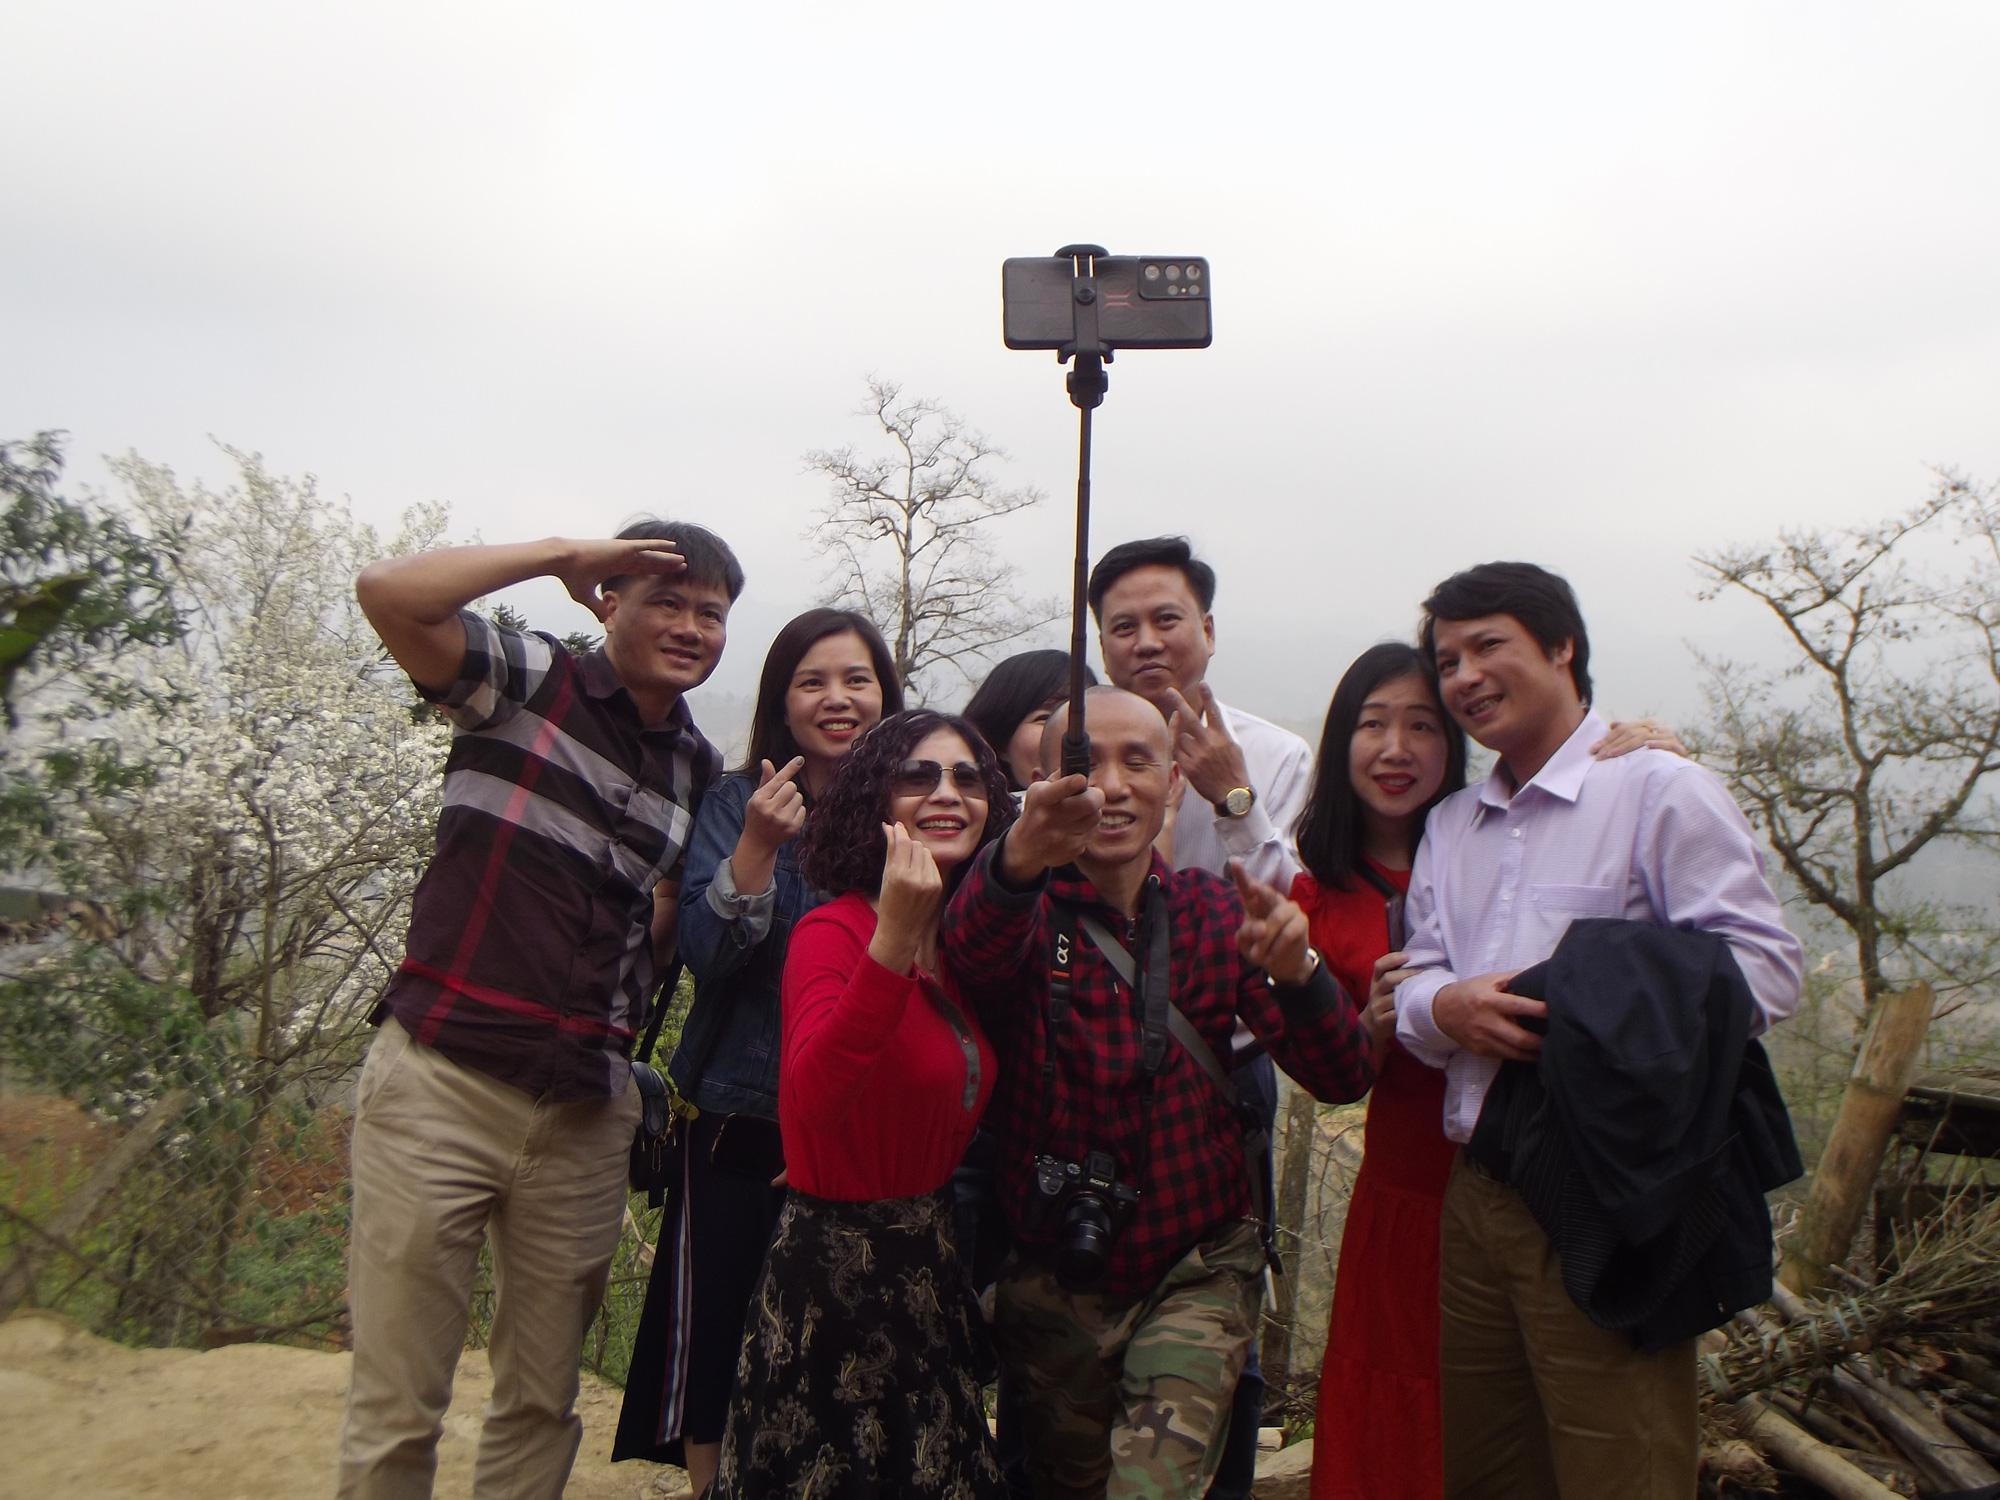 Lào Cai: Du khách đổ xô đến ngắm 3 cây lê cổ thụ, mọc trắng xóa sau nhà trình tường ở Bắc Hà - Ảnh 7.